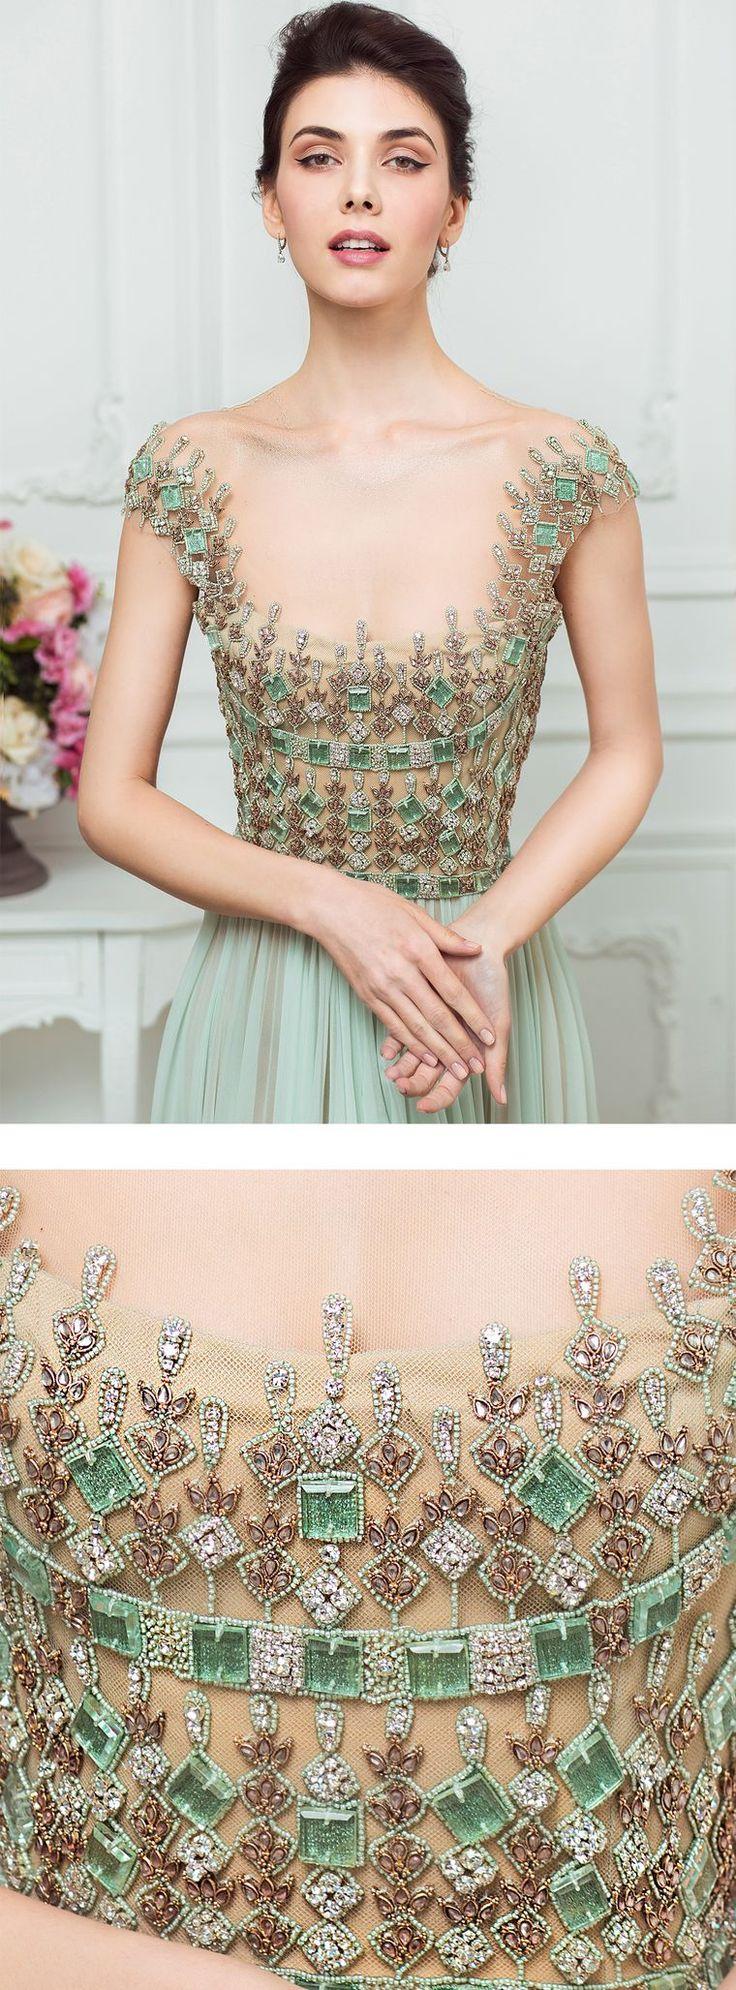 Вышивки высокой моды - Ярмарка Мастеров - ручная работа, handmade